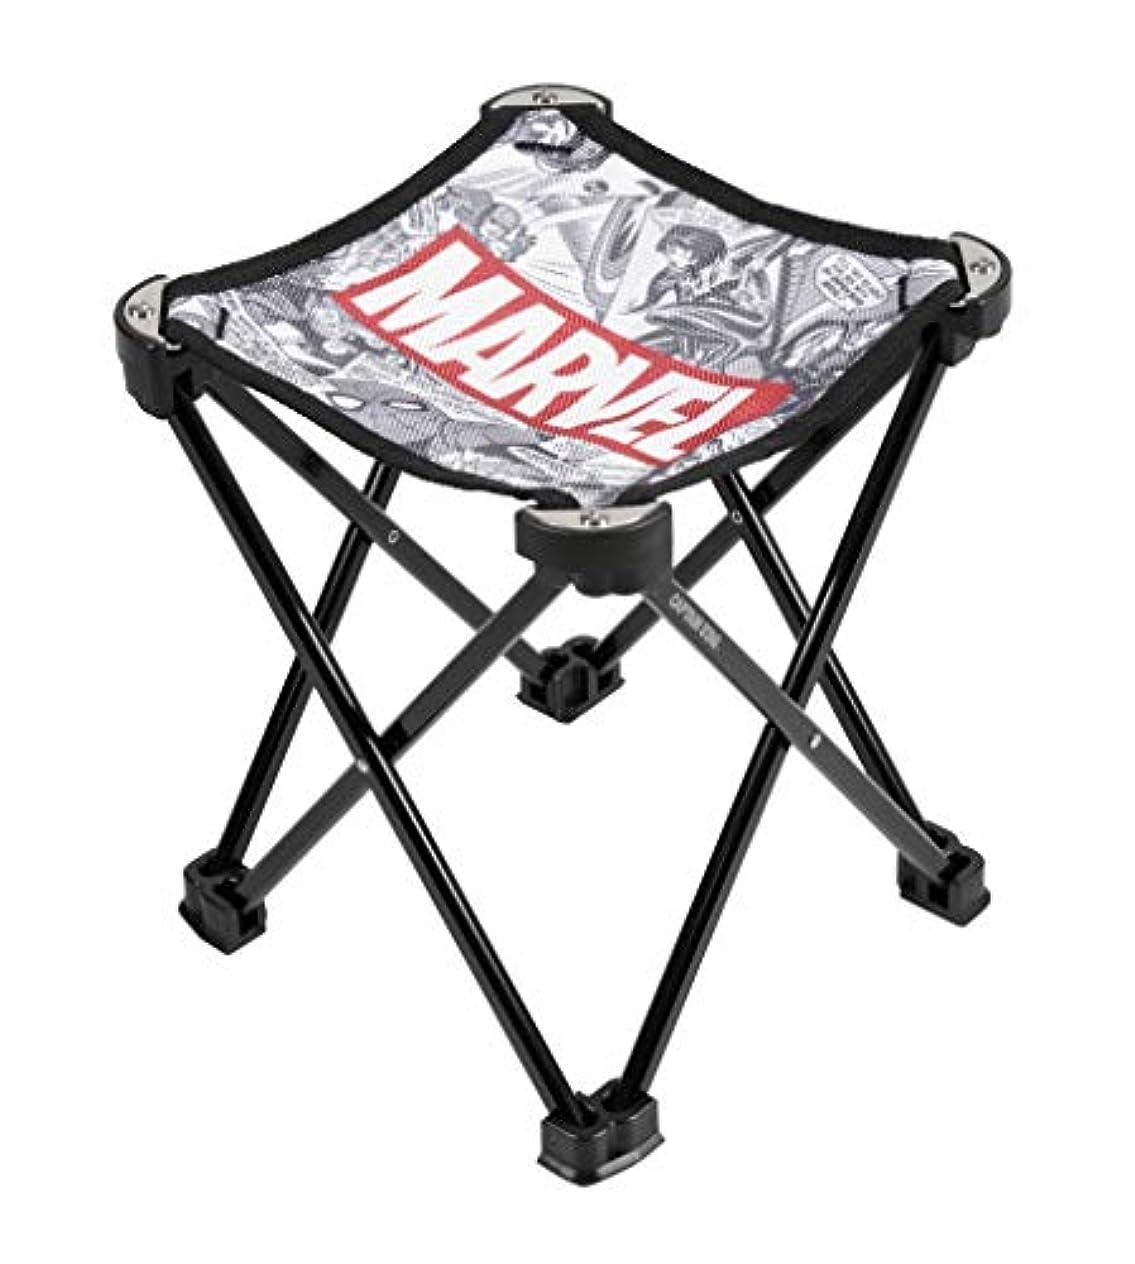 敬の念生理大惨事キャプテンスタッグ(CAPTAIN STAG) マーベル アウトドアチェア 椅子 マイクロイージーチェア コミック/ホワイト MA-1078